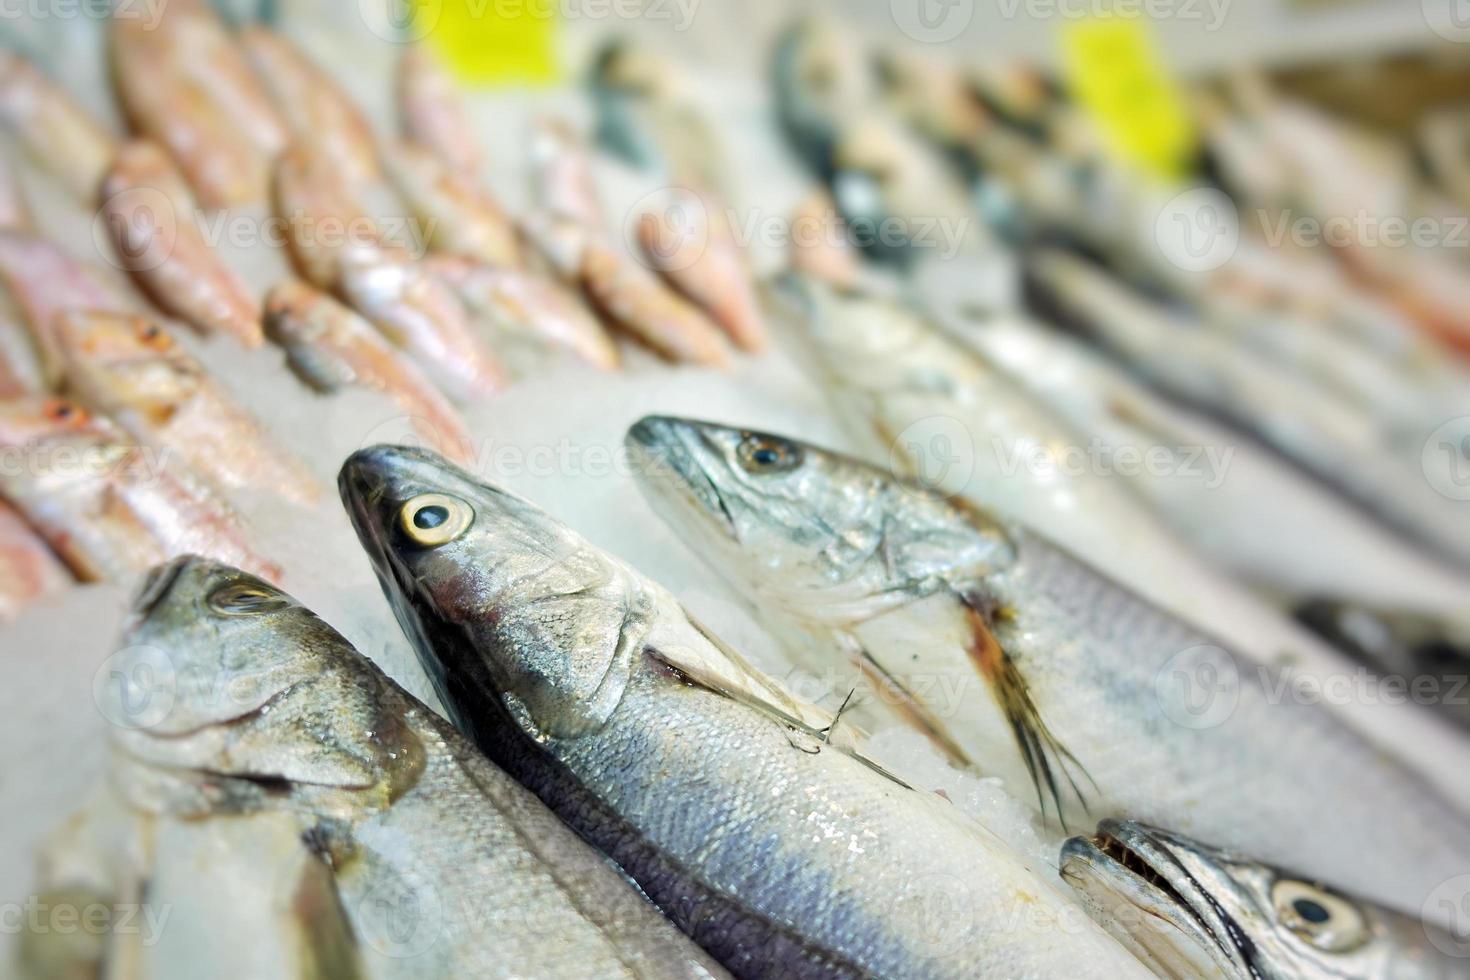 Fischfutter in einem Fischmarktstand foto